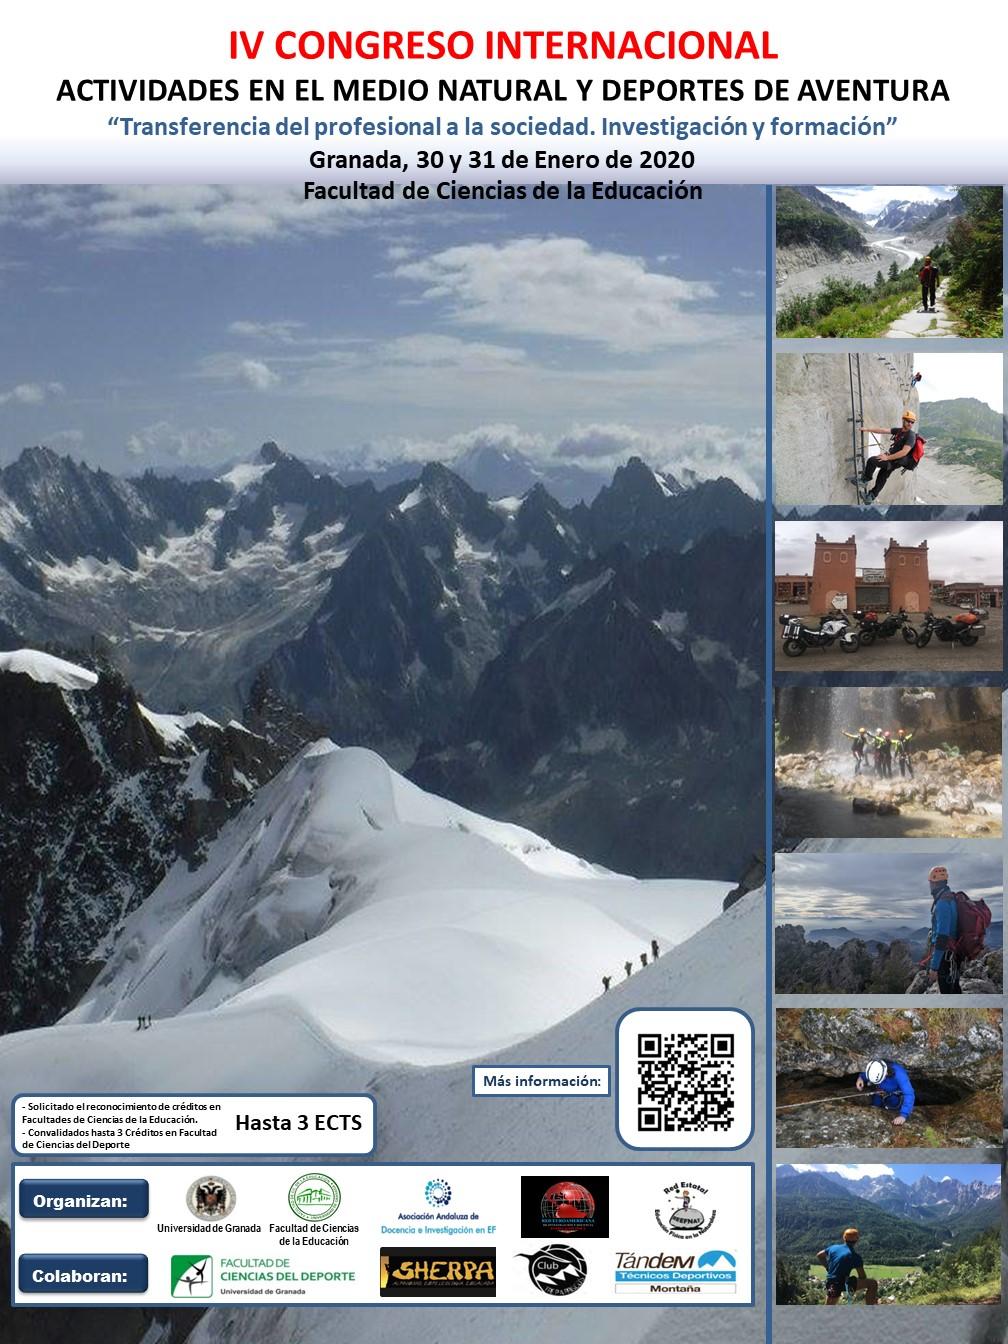 IV Congreso Internacional sobre Actividades en el Medio Natural y Deportes de Aventura